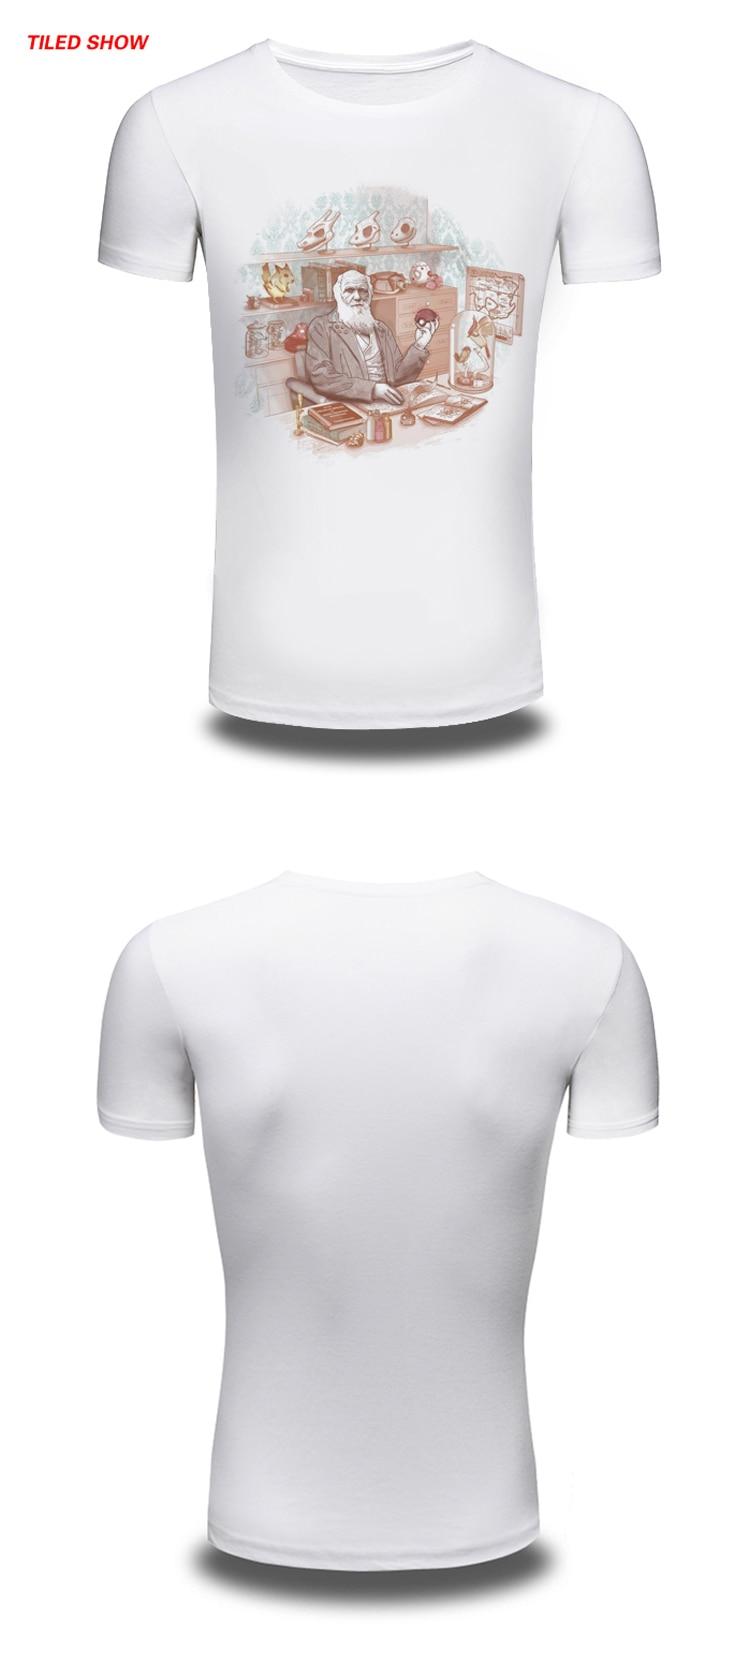 51192040a3a3 Supreme Nuovo Mens di Estate T Shirt Pocket Mostro Old men Stampato Casual  uomo Slim Fit Short Sleeve white Men vestiti tee shirts in Supreme Nuovo  Mens di ...